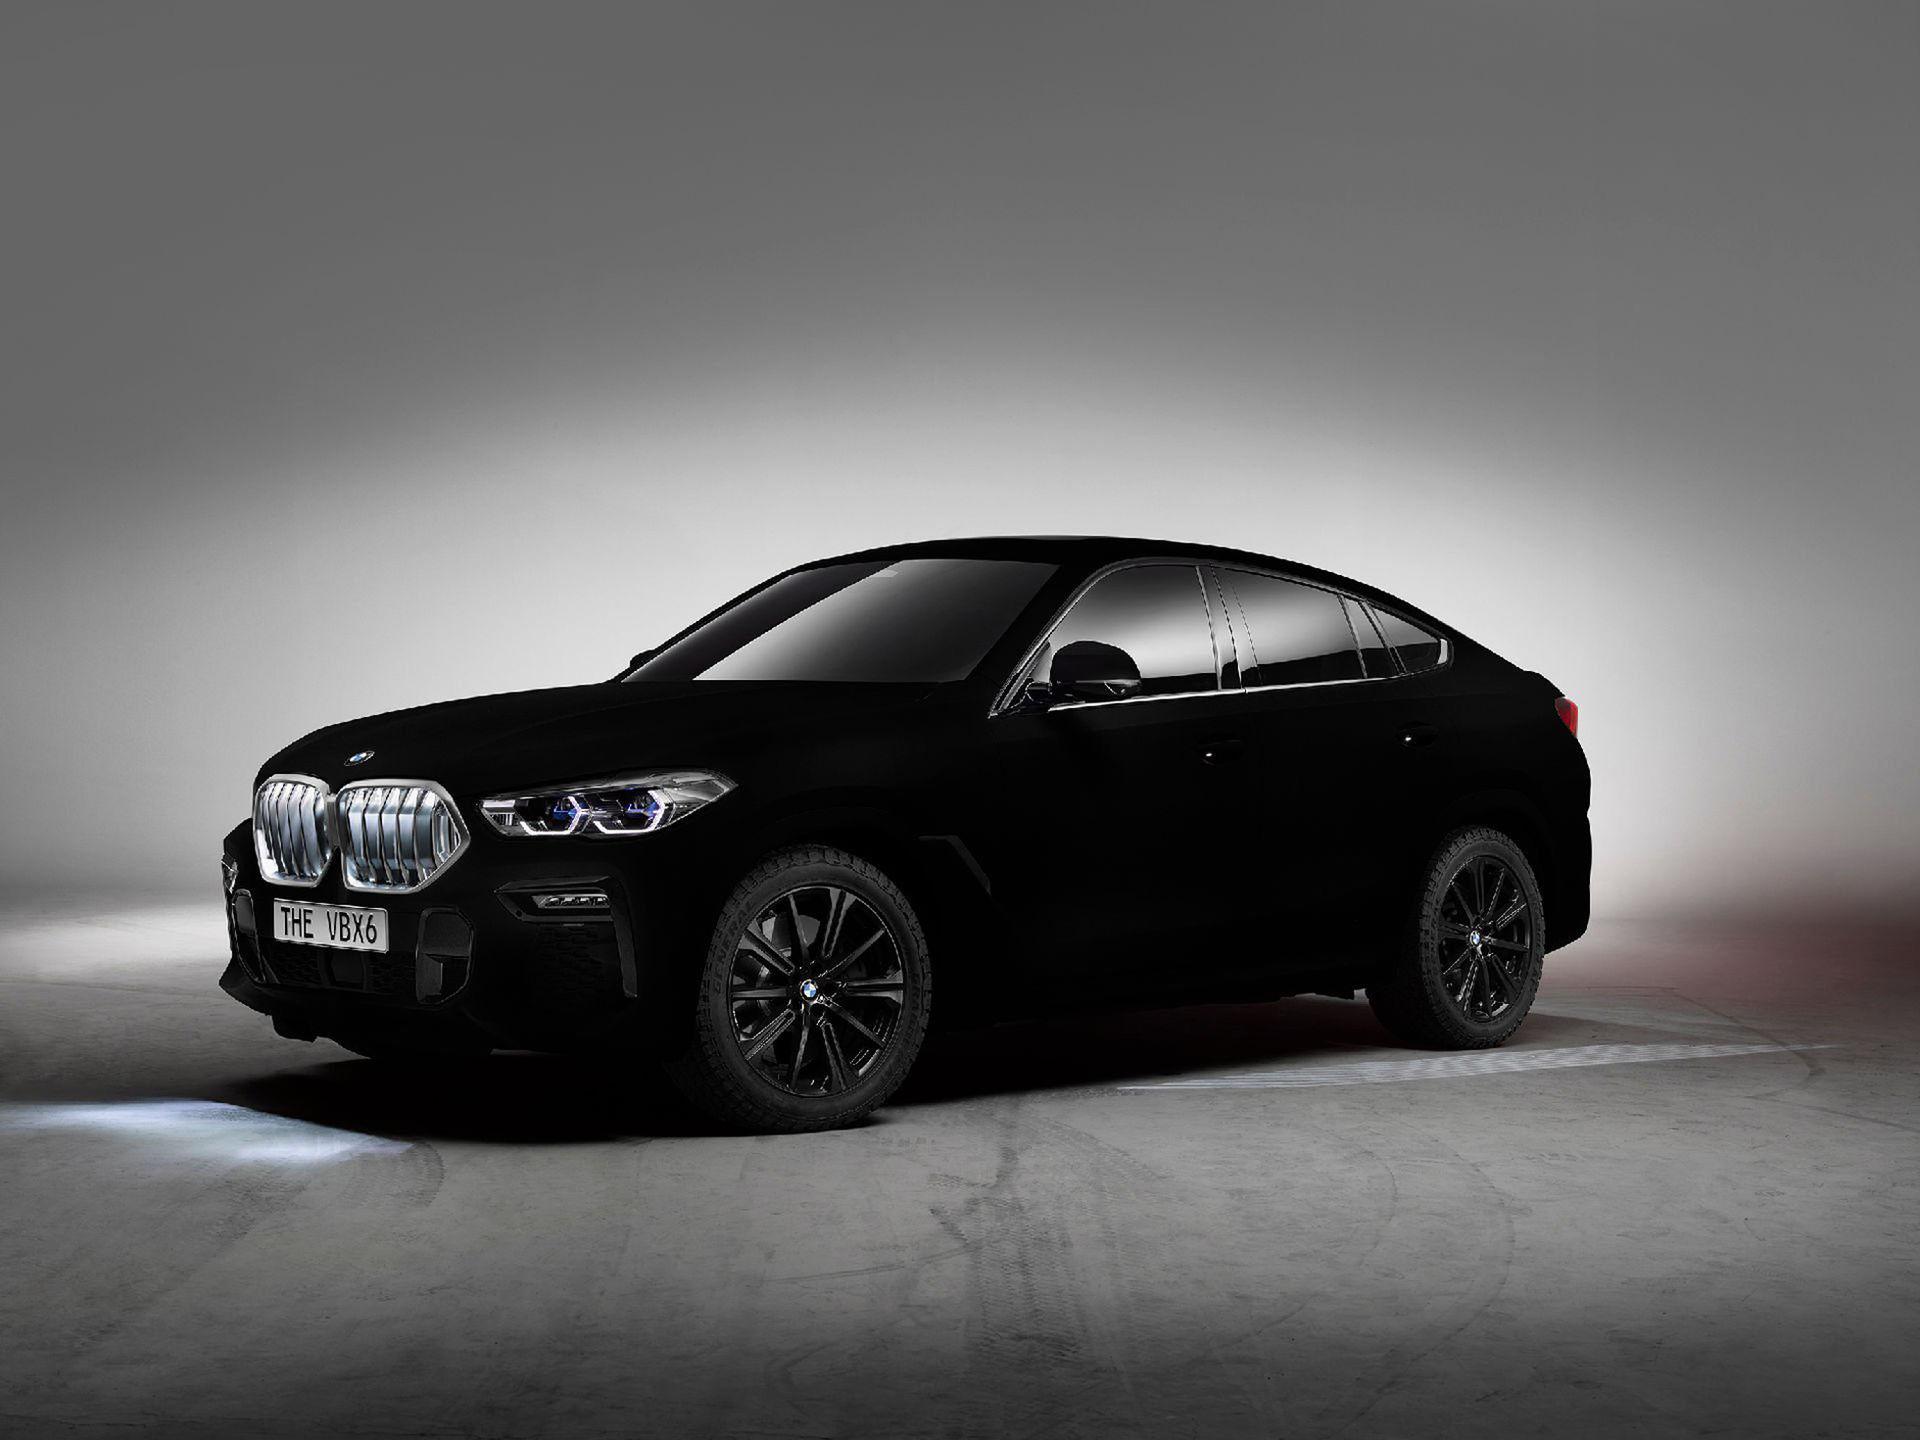 BMW har lackat en X6 i Vantablack